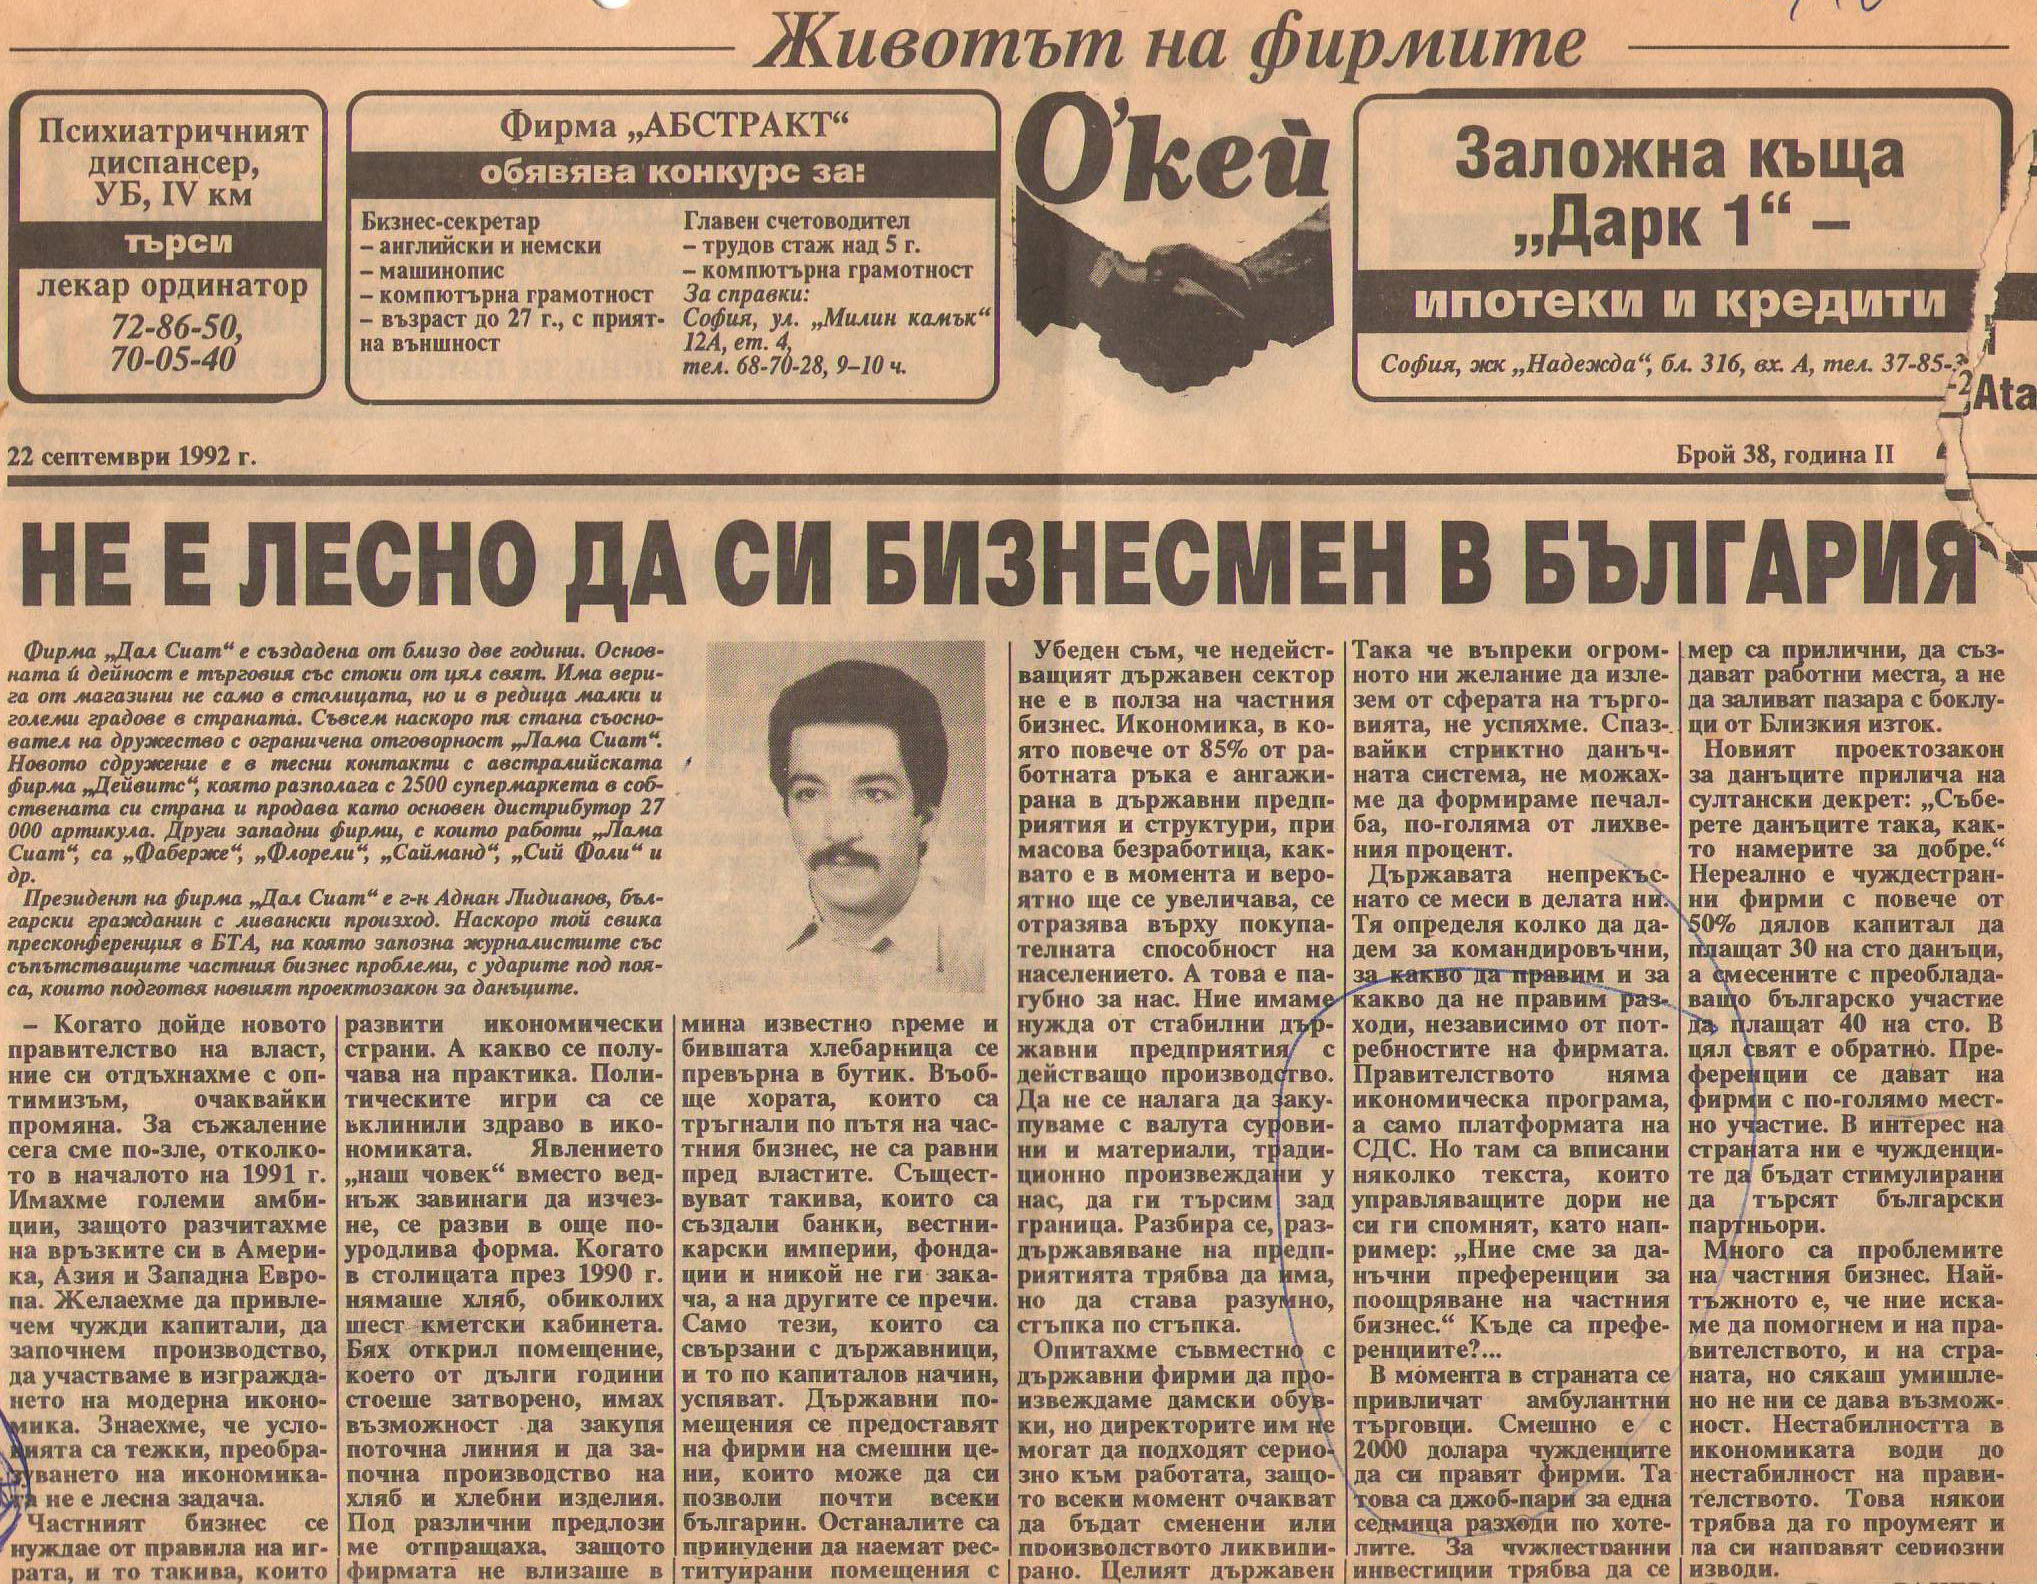 Не е лесно да си бизнесмен в България